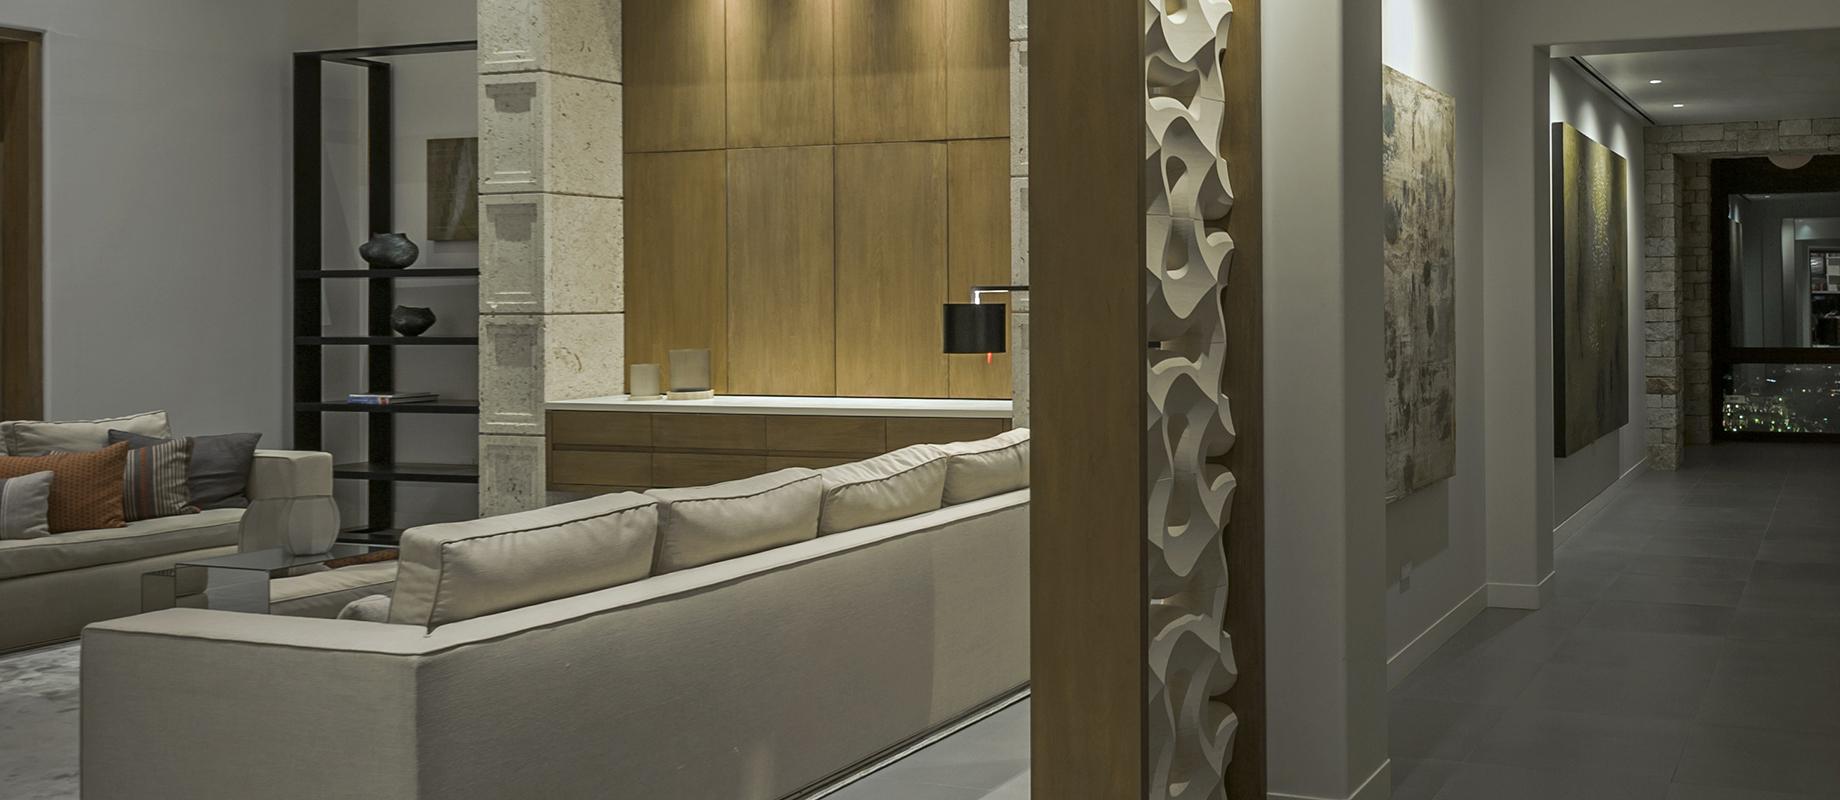 LithosDesign_traccia_cloison d'intérieurs en marbre_